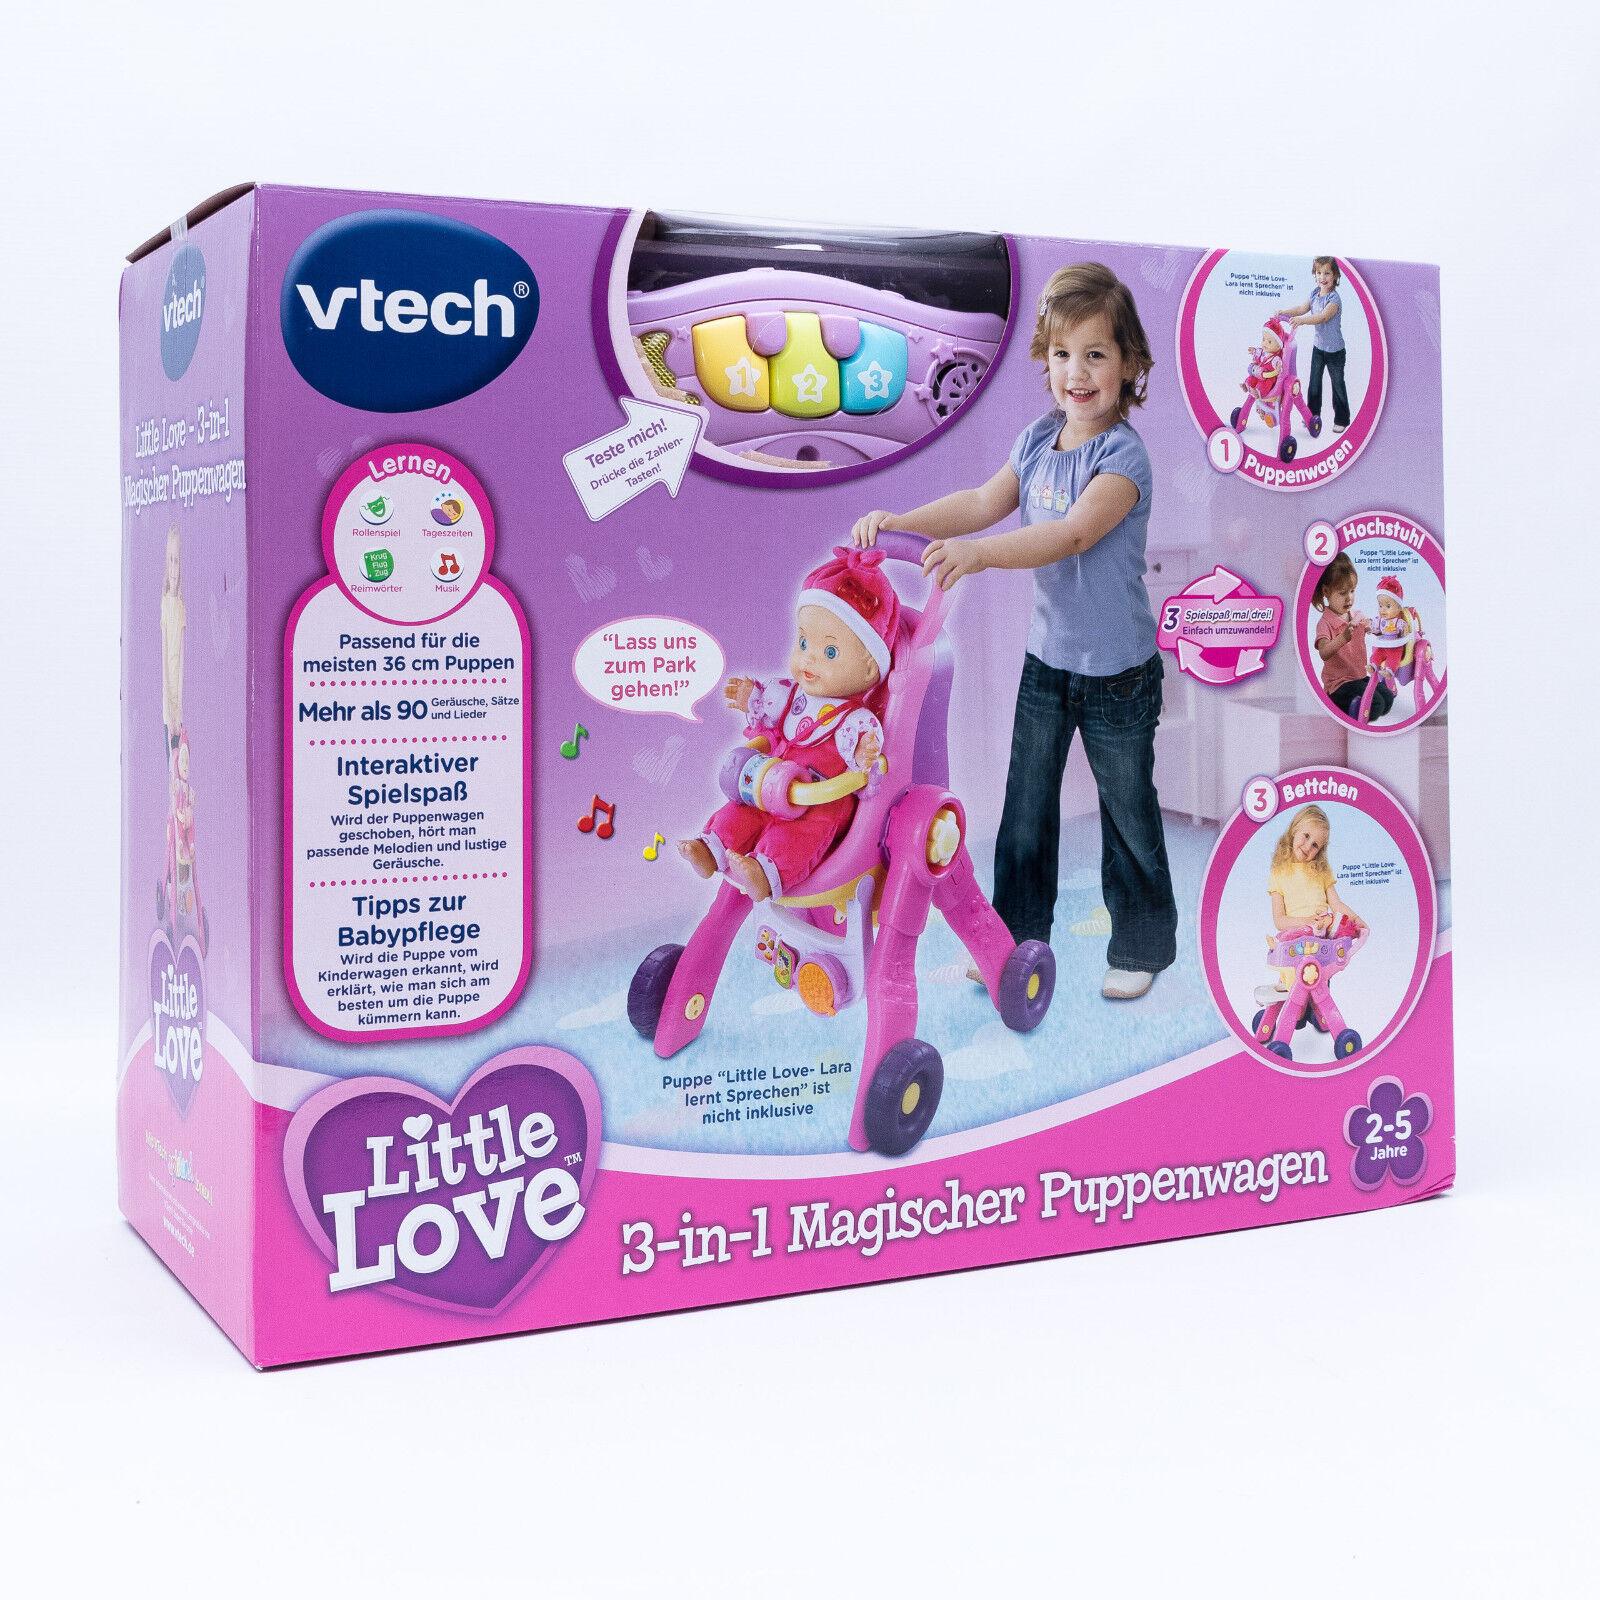 Vtech 154104 - Little Love 3-in-1 magischer Puppenwagen mit Sound NEU/OVP